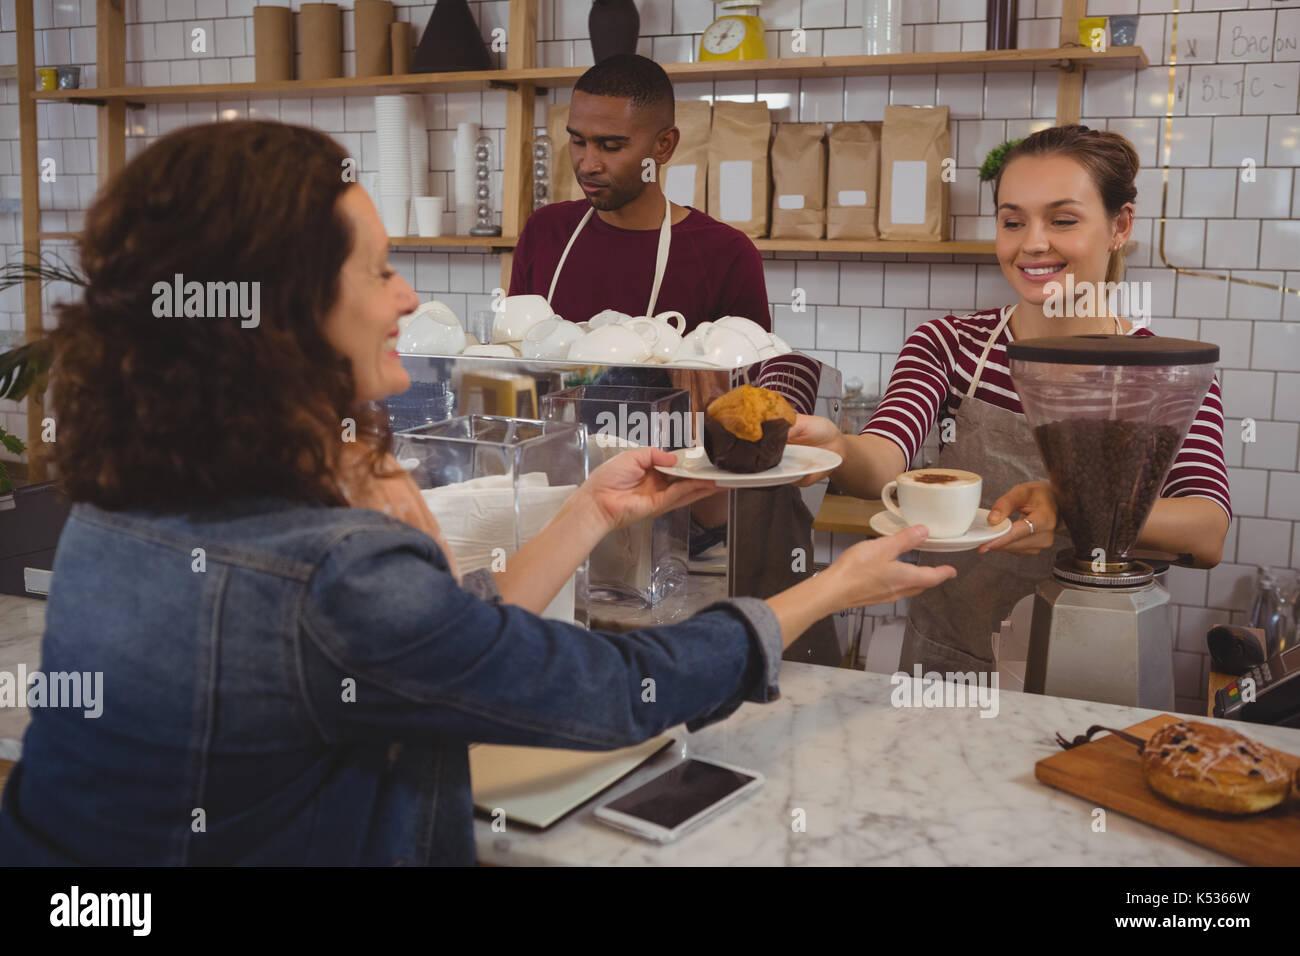 Femme propriétaire servant du café et muffins au client au café Banque D'Images